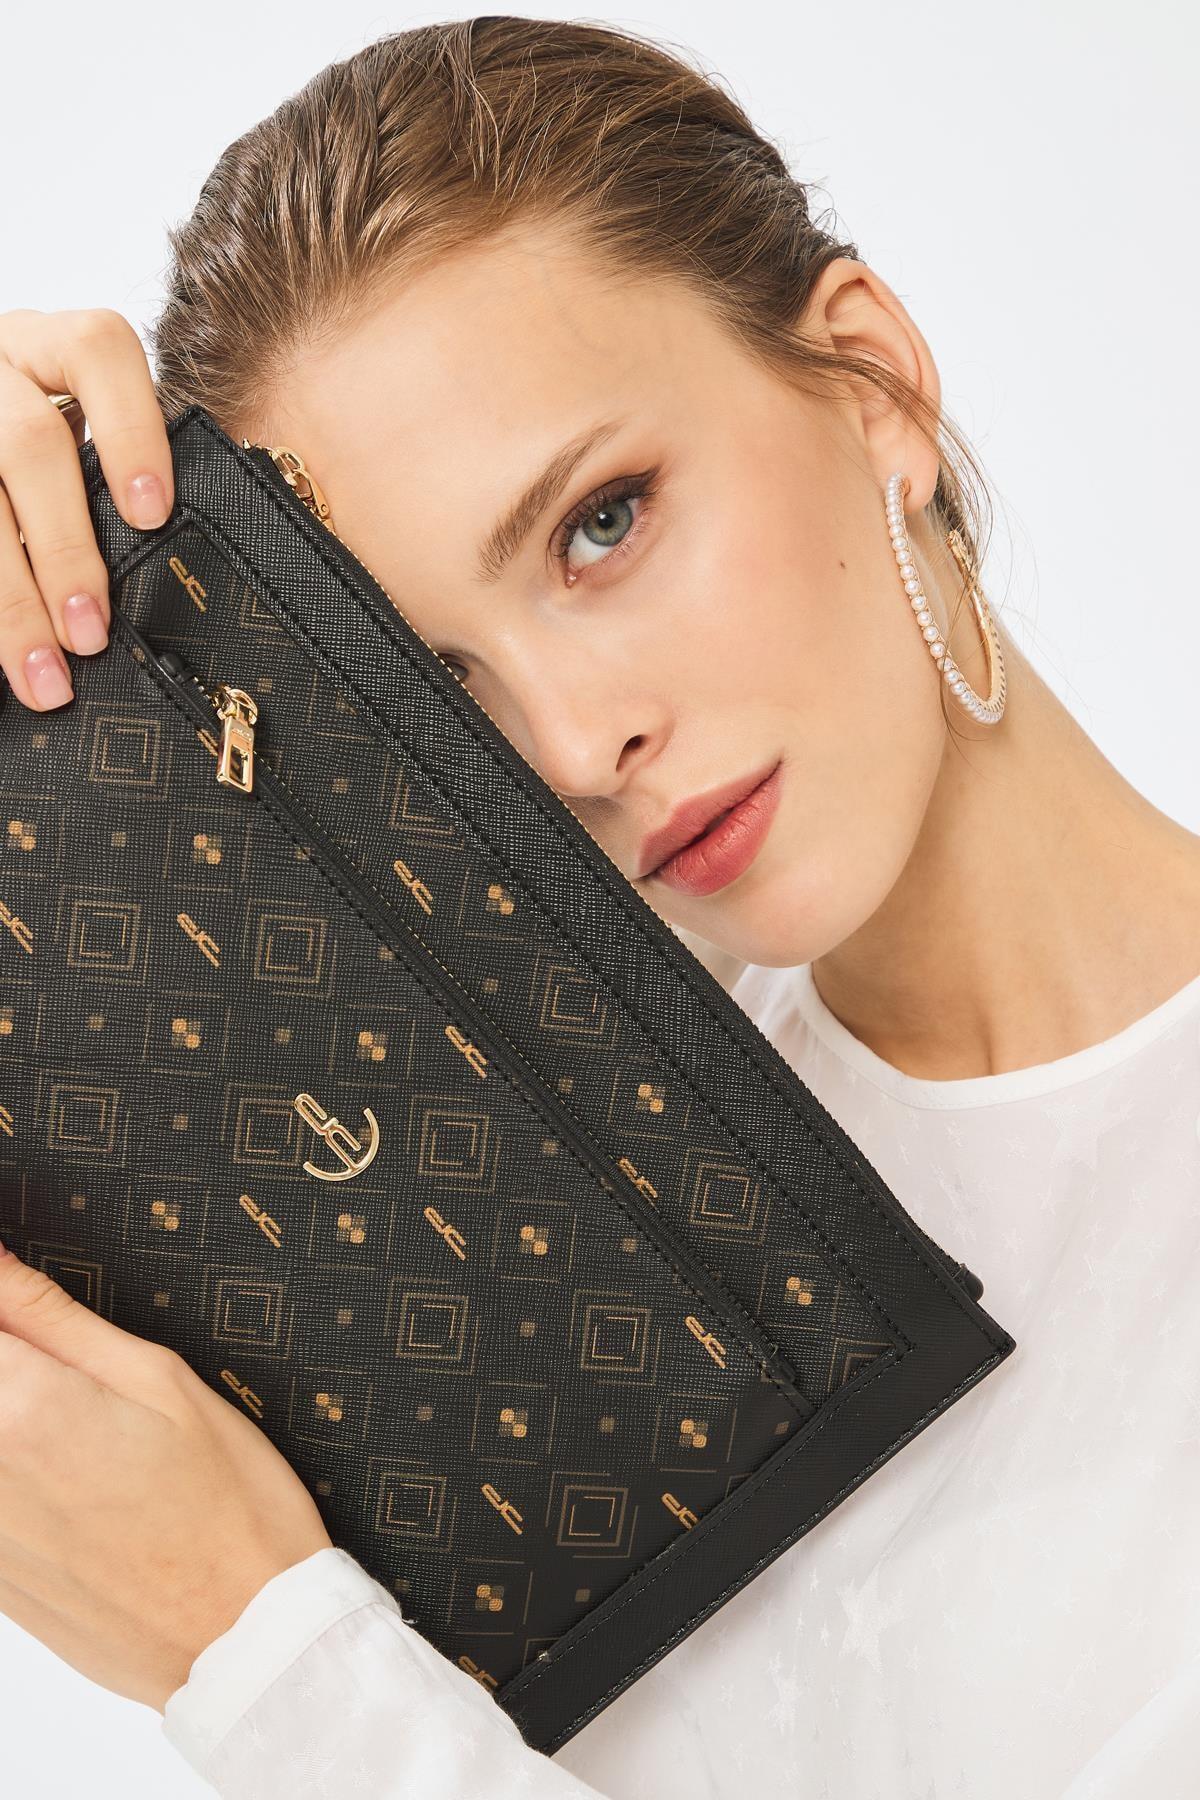 Deri Company Kadın Basic Clutch Çanta Monogram Desenli Siyah Taba 214003 1